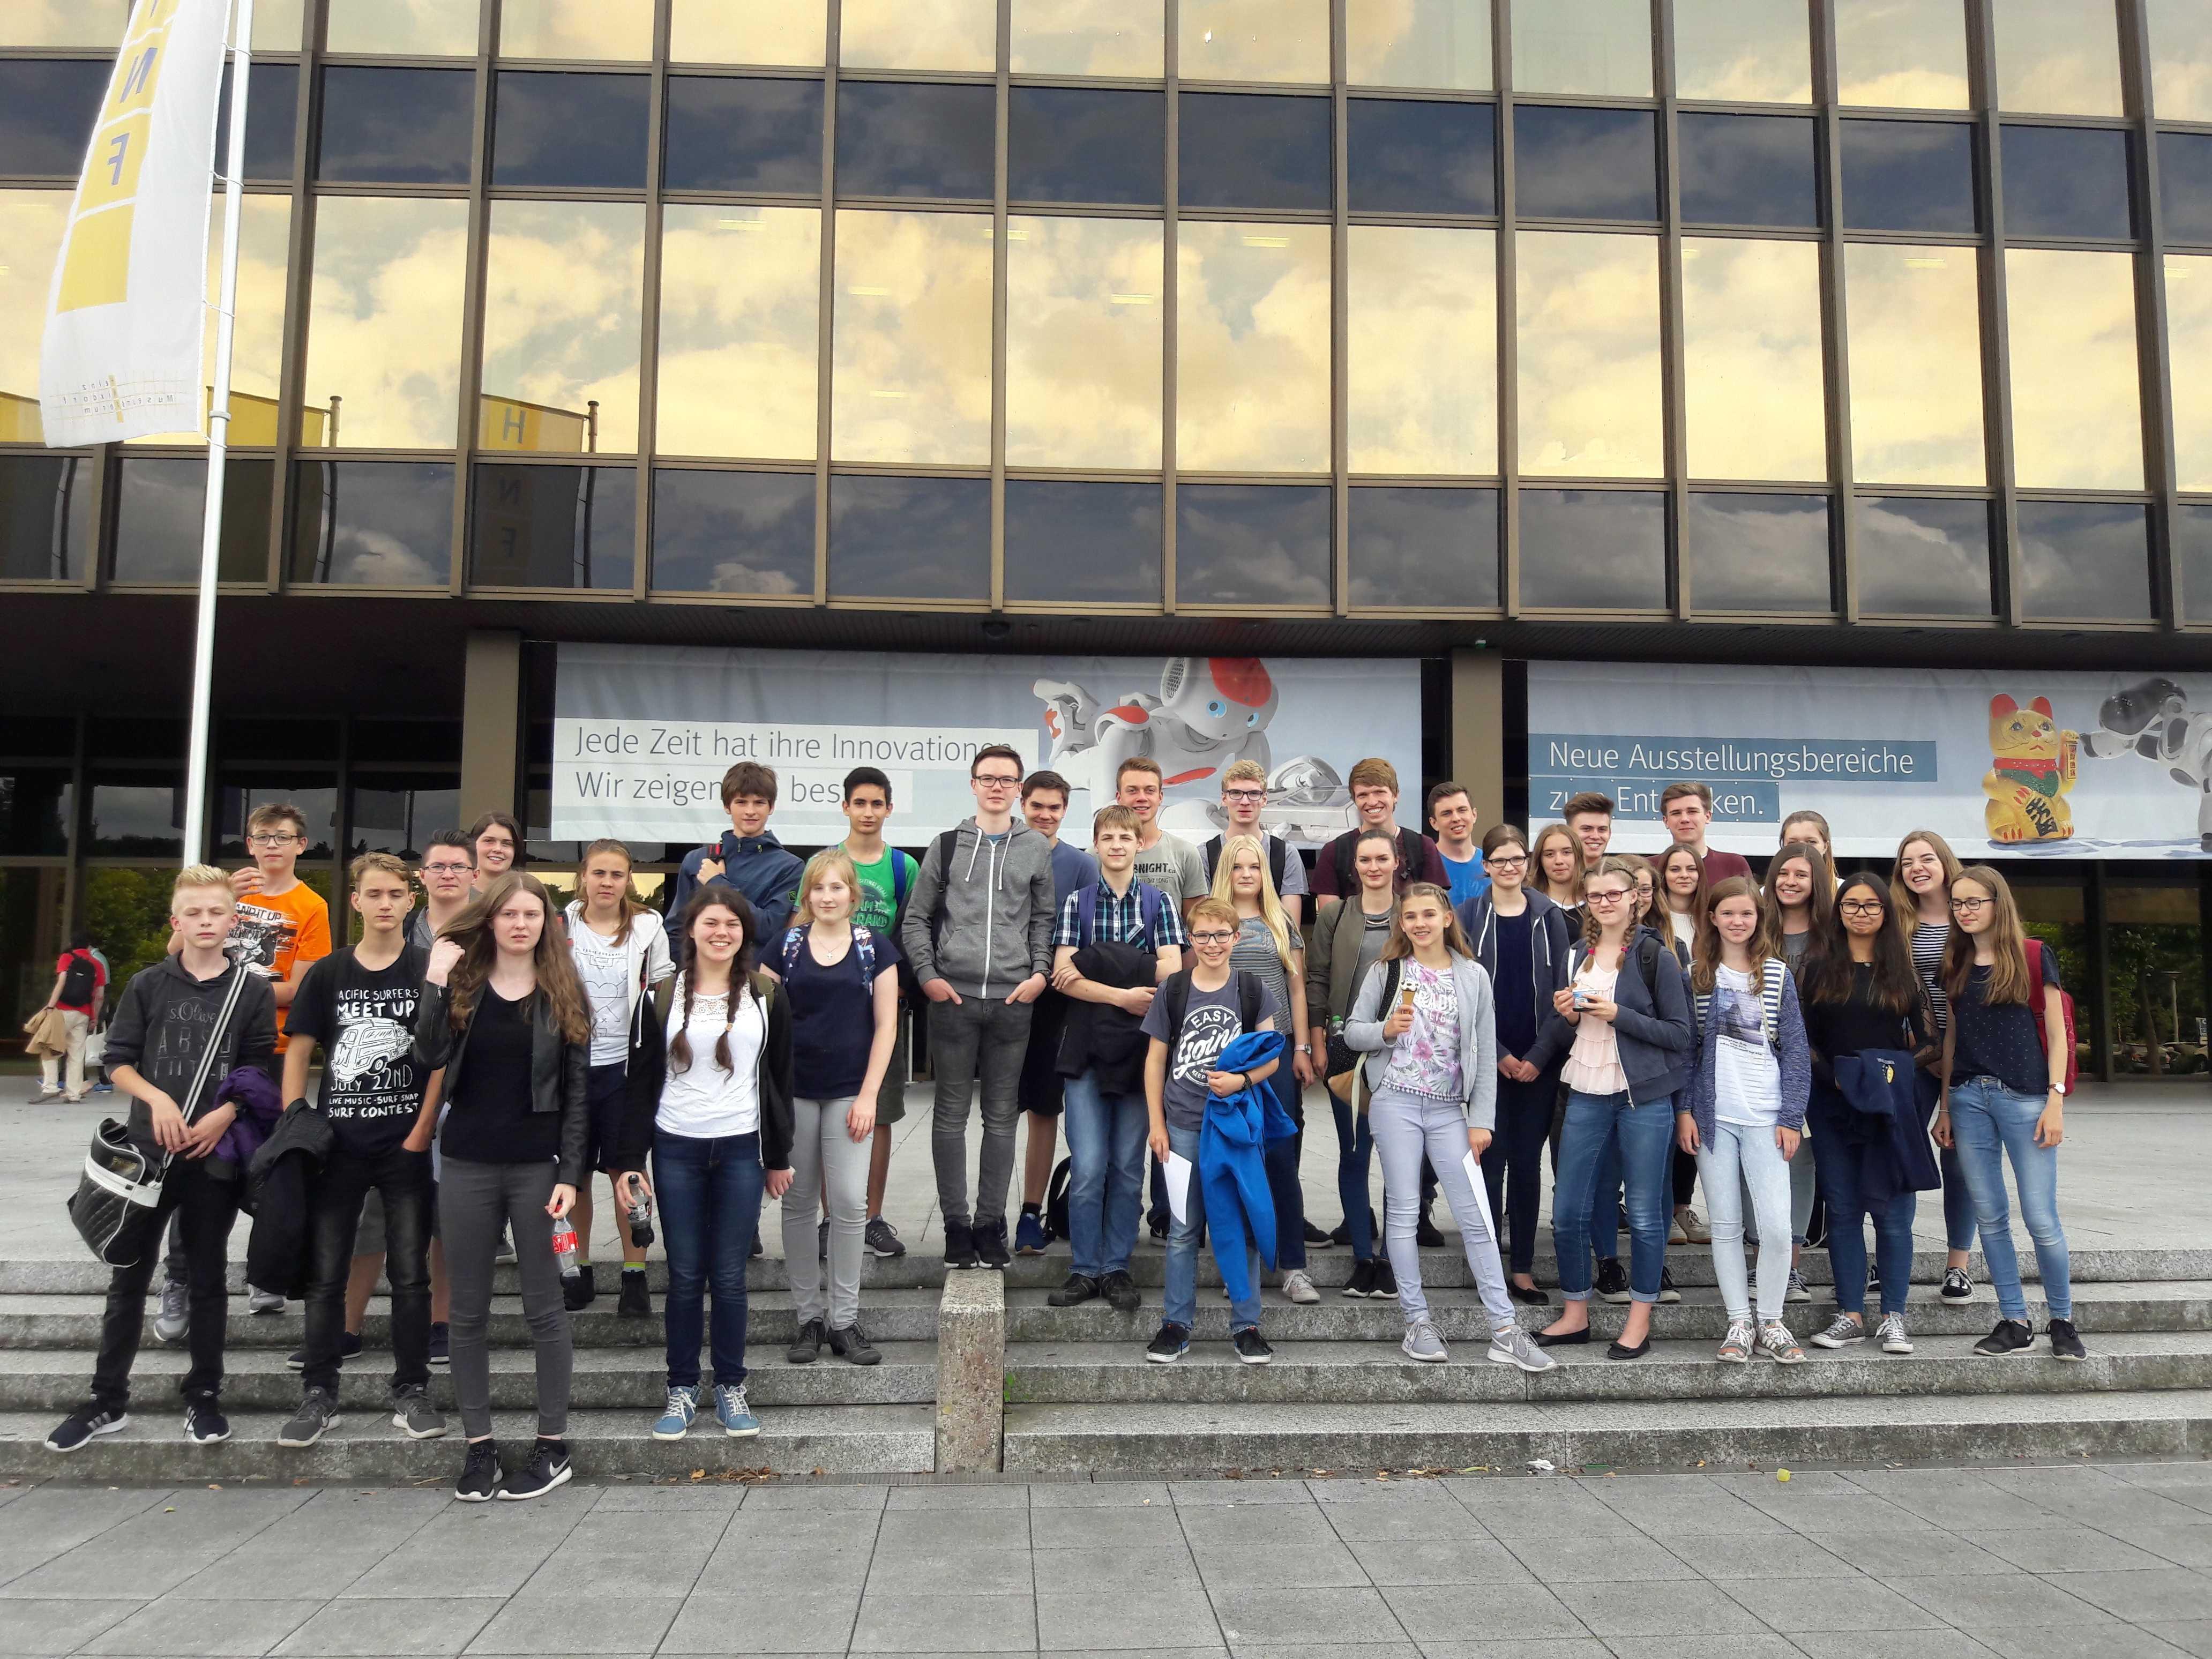 Besondere Leistungen im Fach Mathematik – Mathefahrt zum Heinz-Nixdorf-Forum in Paderborn